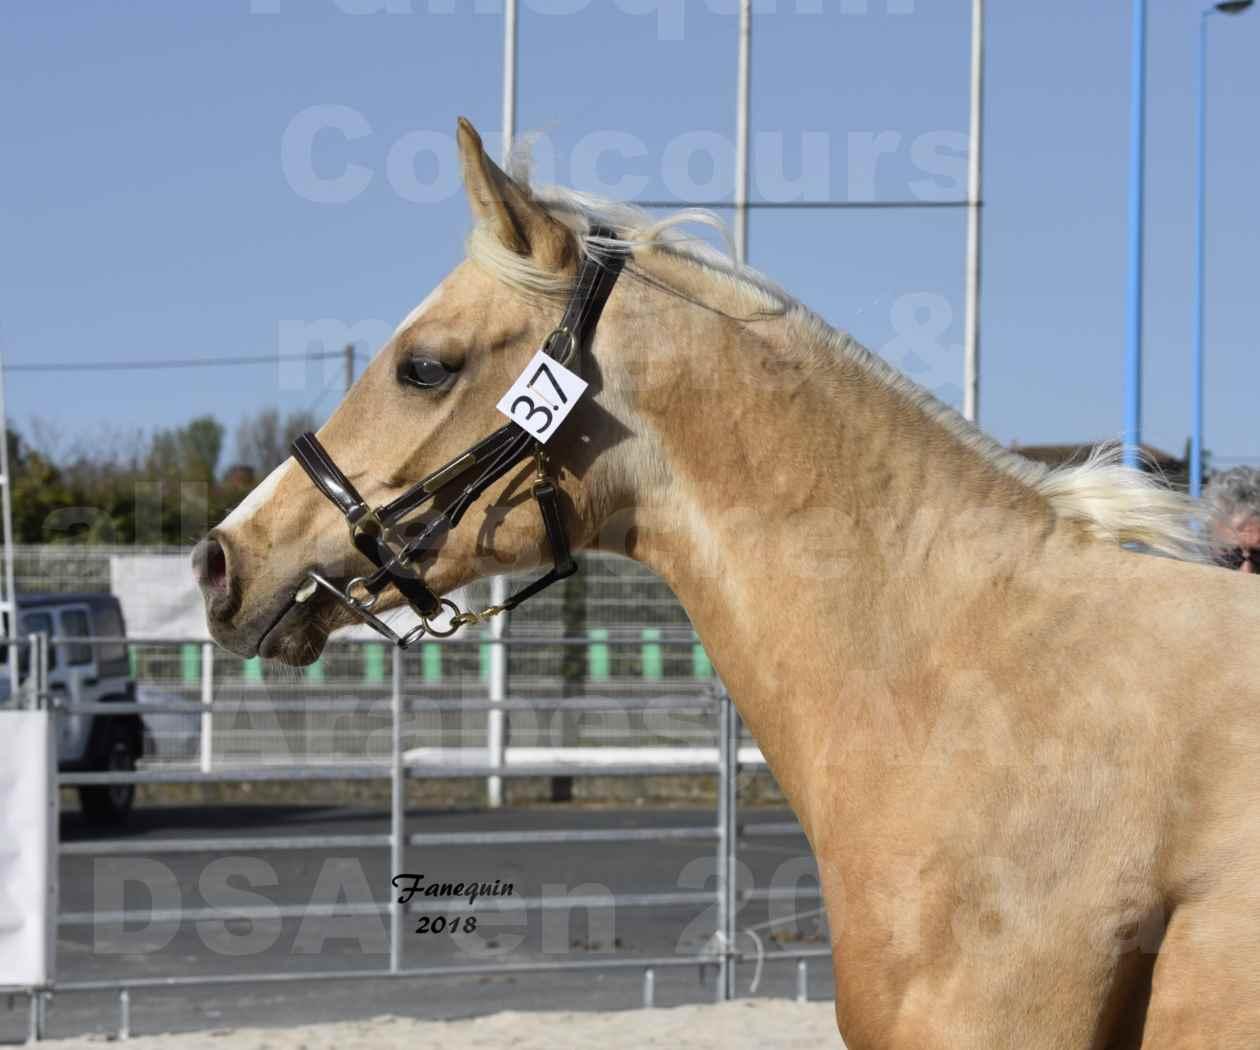 Concours d'élevage de Chevaux Arabes - Demi Sang Arabes - Anglo Arabes - ALBI les 6 & 7 Avril 2018 - GOLD DE DARRE - Notre Sélection - Portraits - 8